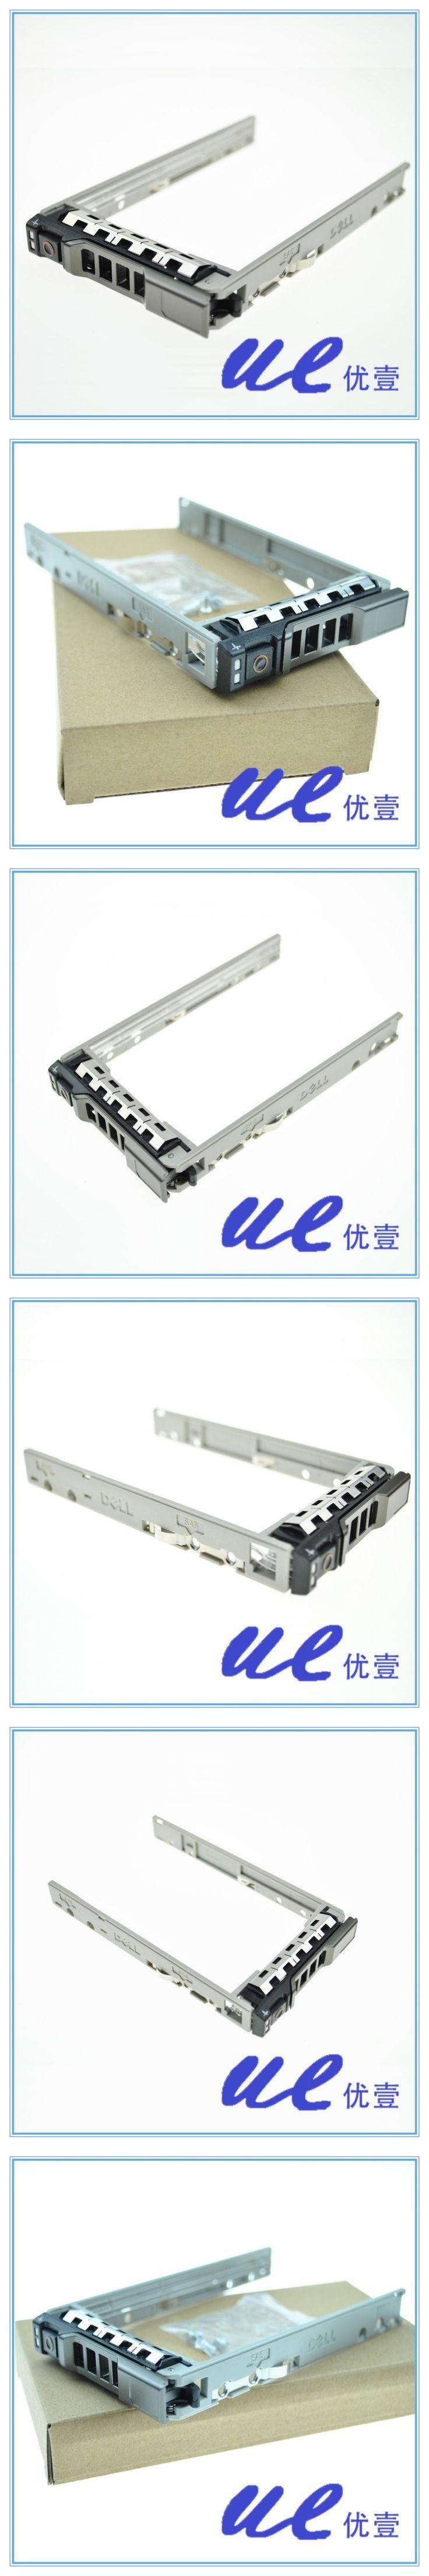 8FKXC 08FKXC 2.5'' SATA SAS hdd Tray Caddy bracket for  R730 R630 R730xd MD1420 MD3420, free shipping